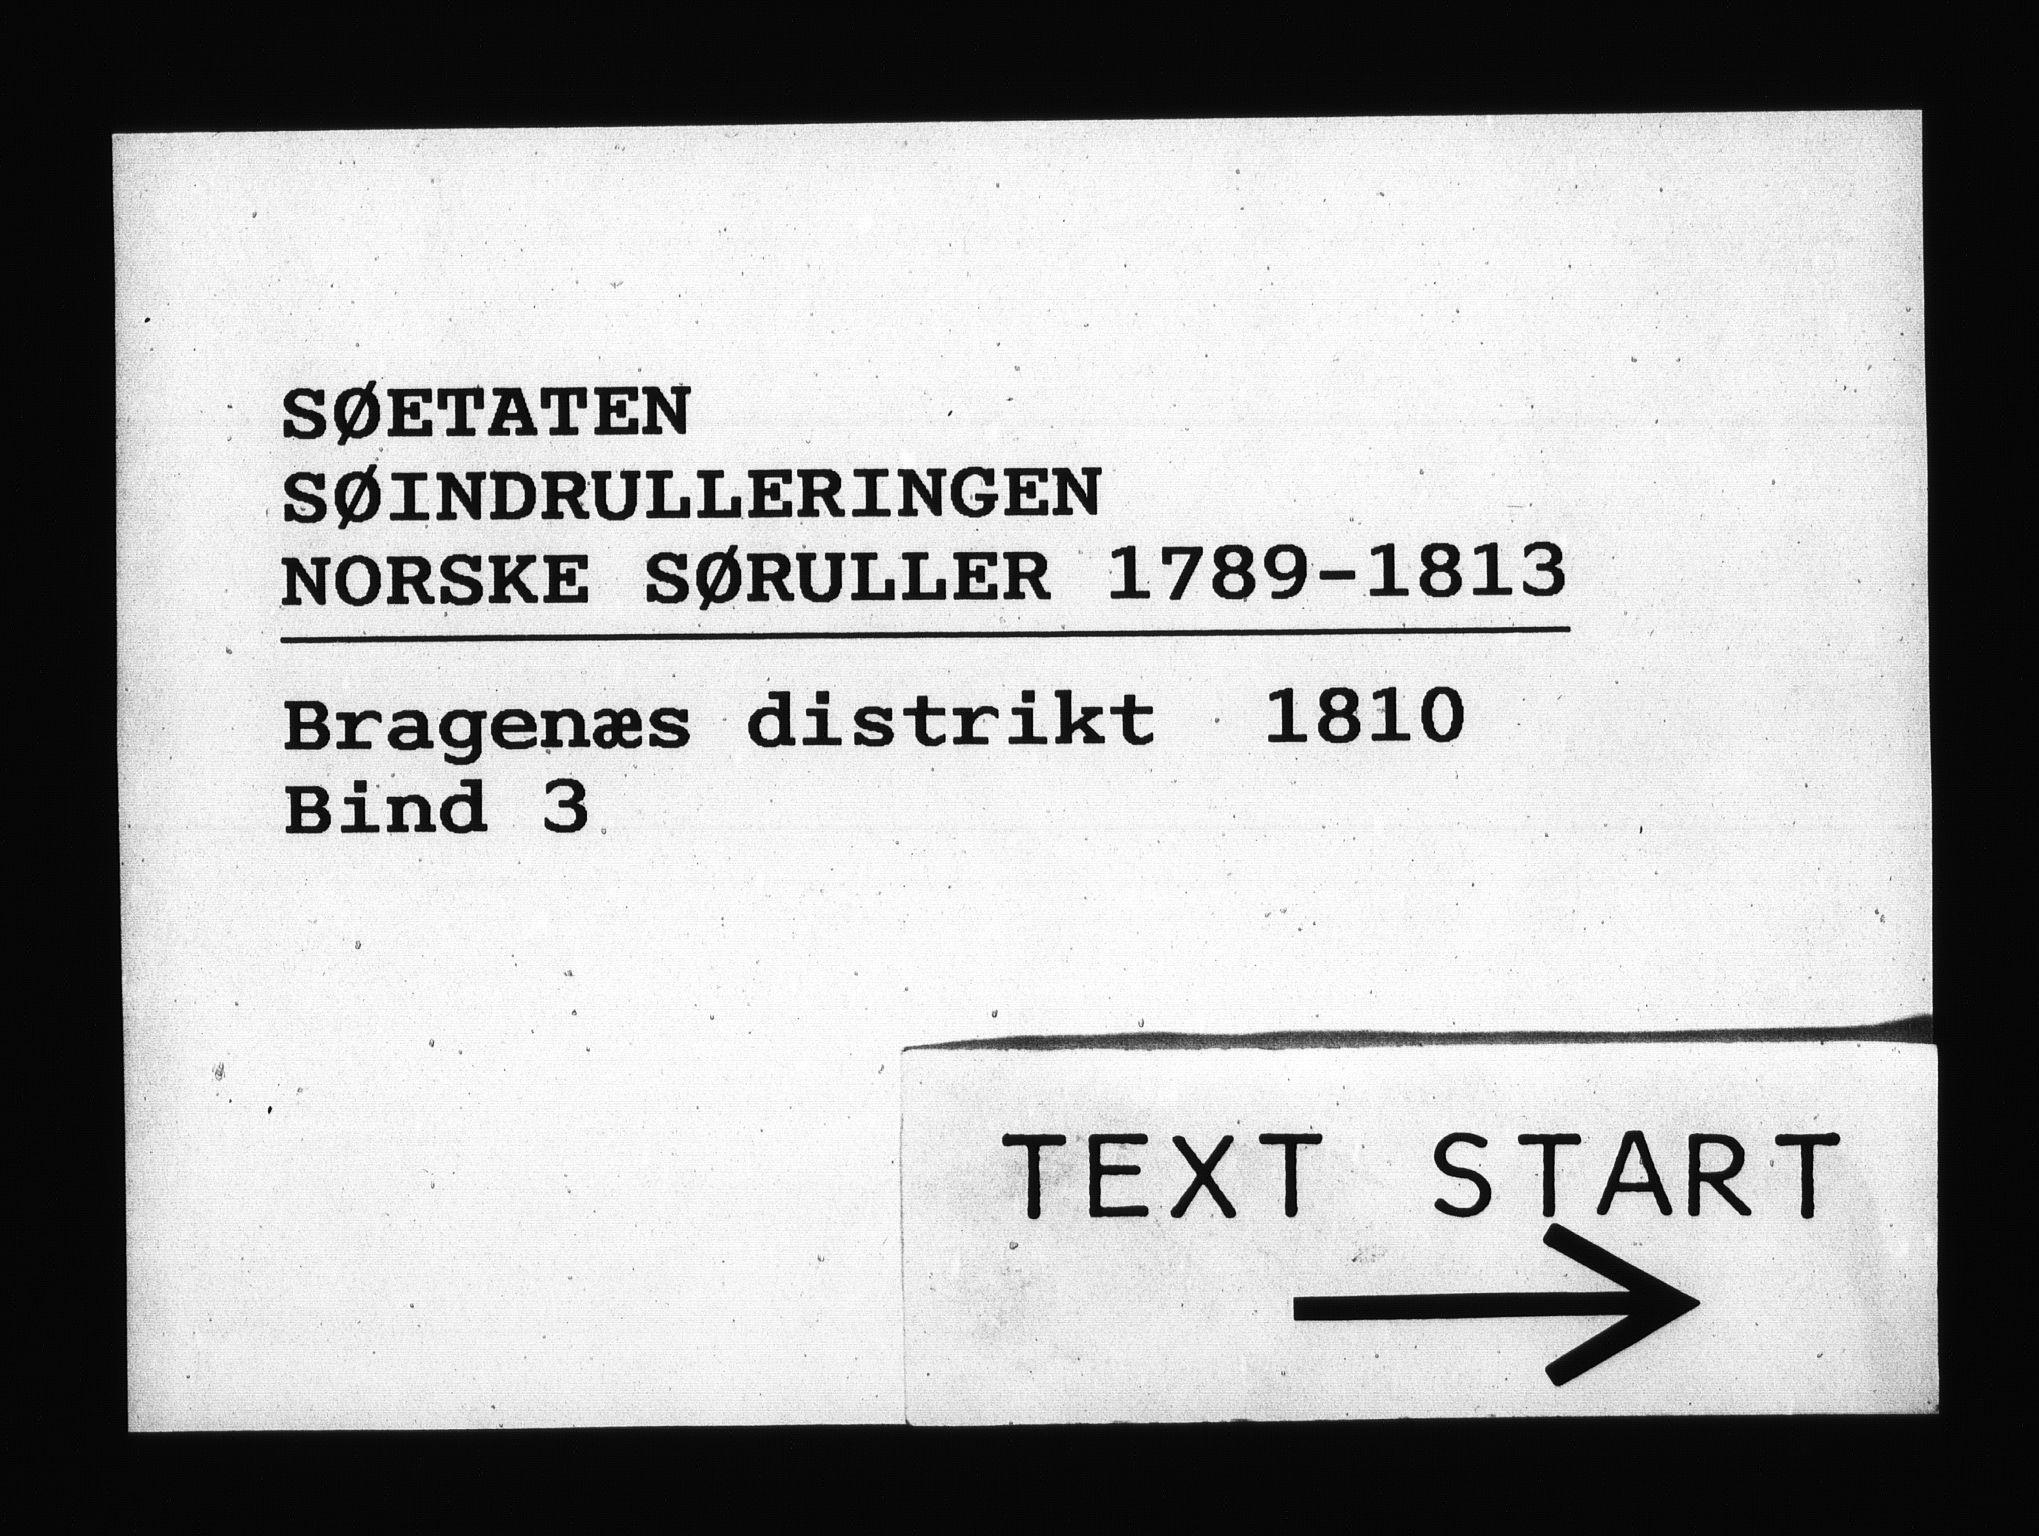 RA, Sjøetaten, F/L0159: Bragernes distrikt, bind 3, 1810